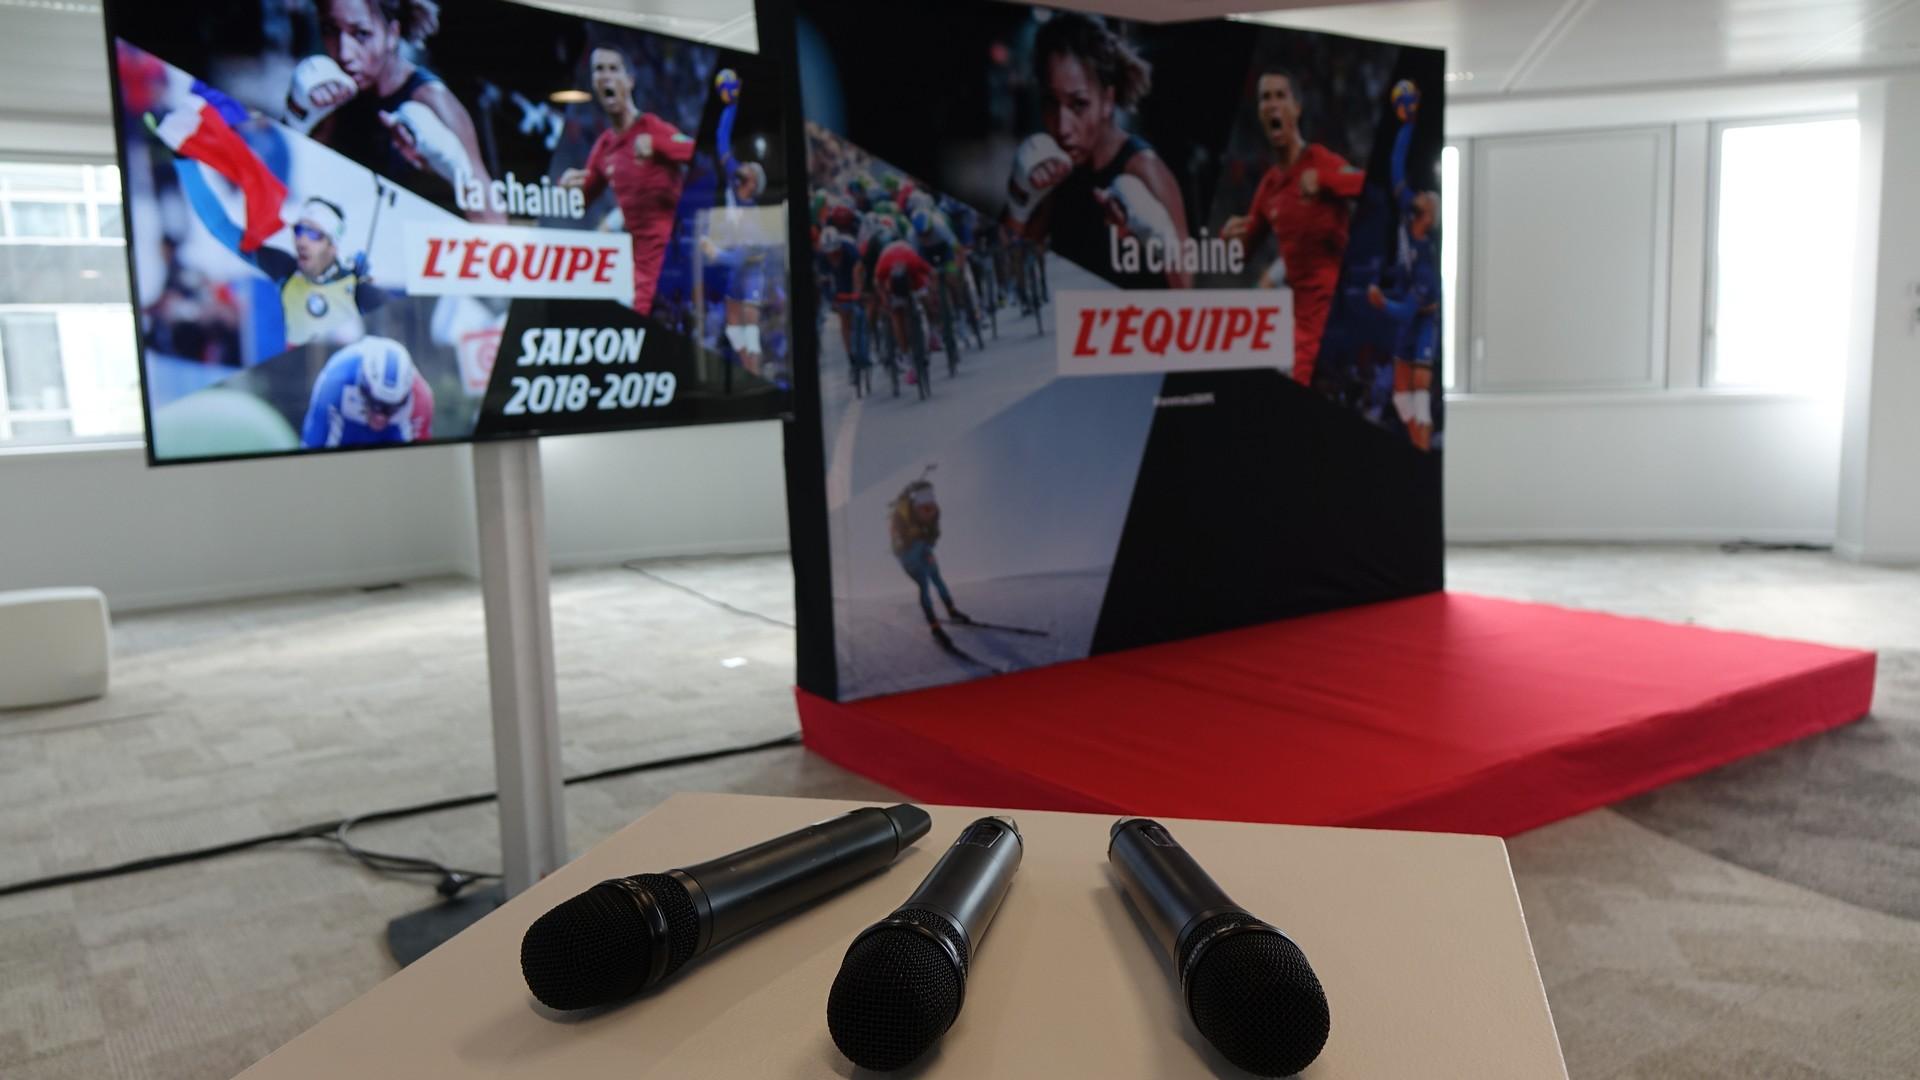 La Chaîne L'Equipe (1) – Rentrée 2018